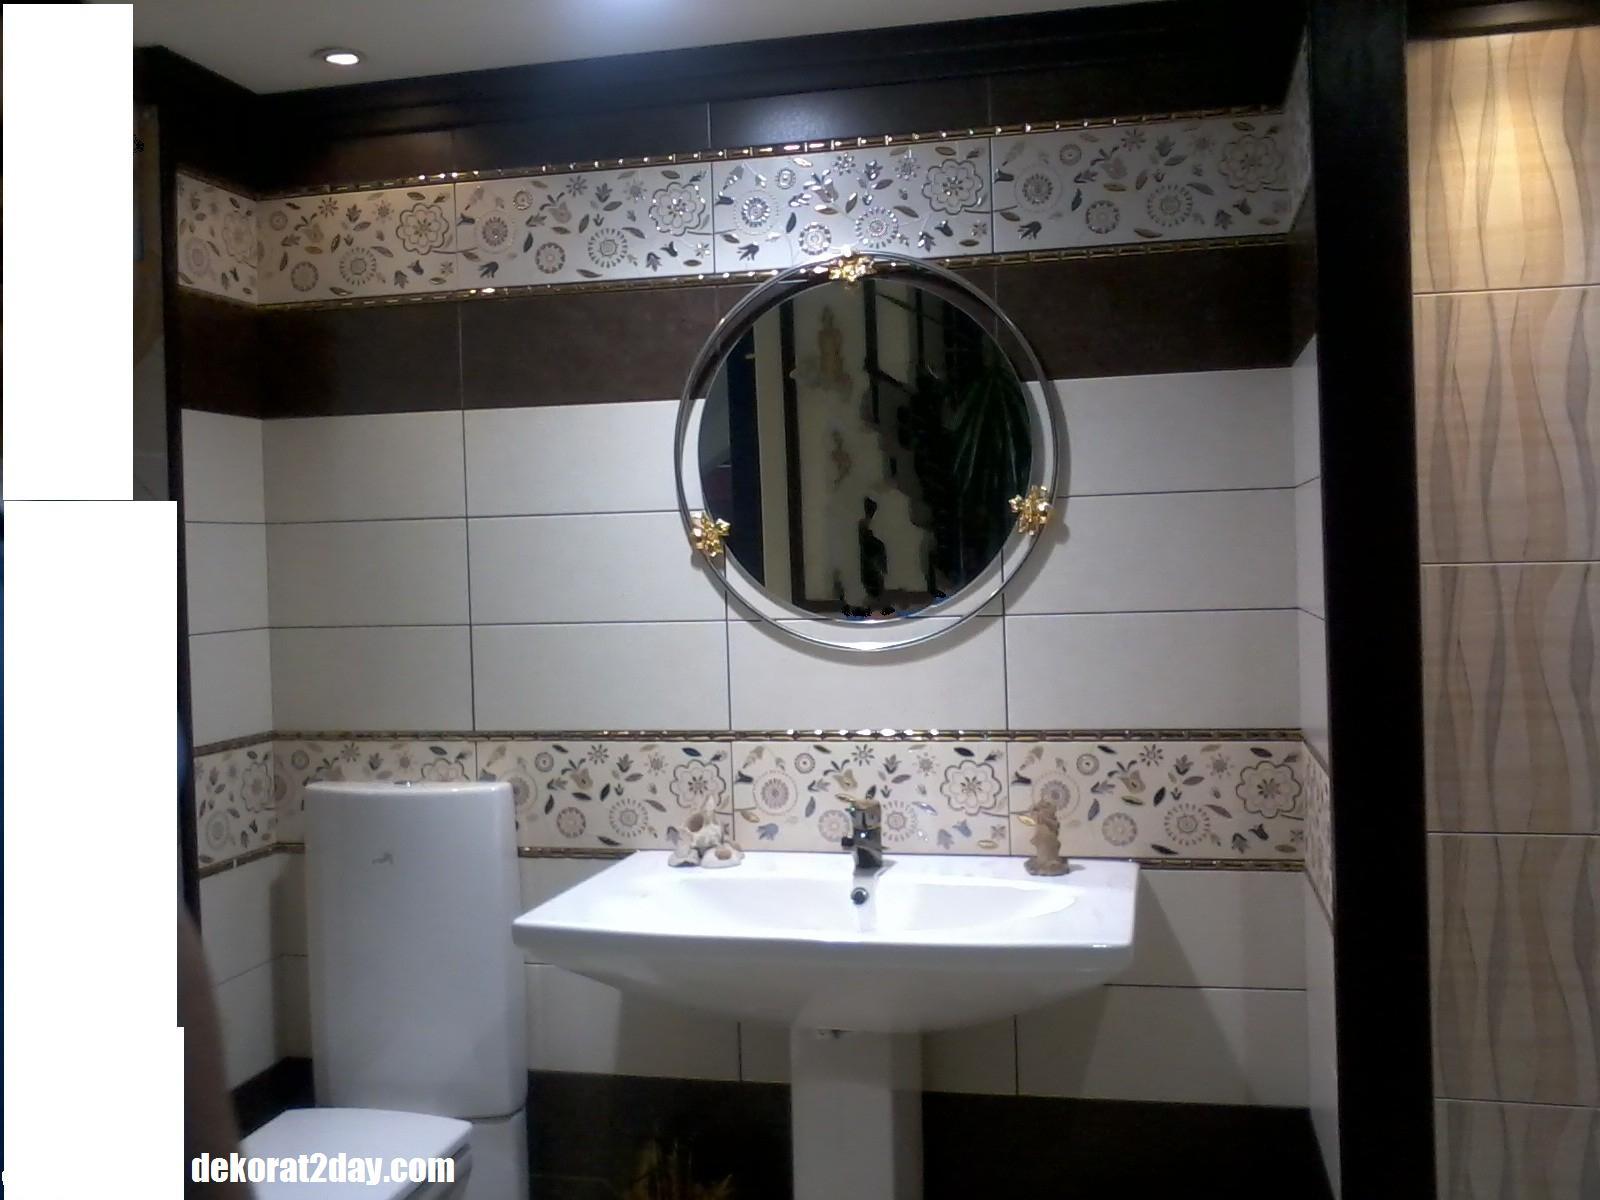 صورة سيراميكا كليوباترا حمامات , شاهد حمامات سيراميكا كيلوباترا